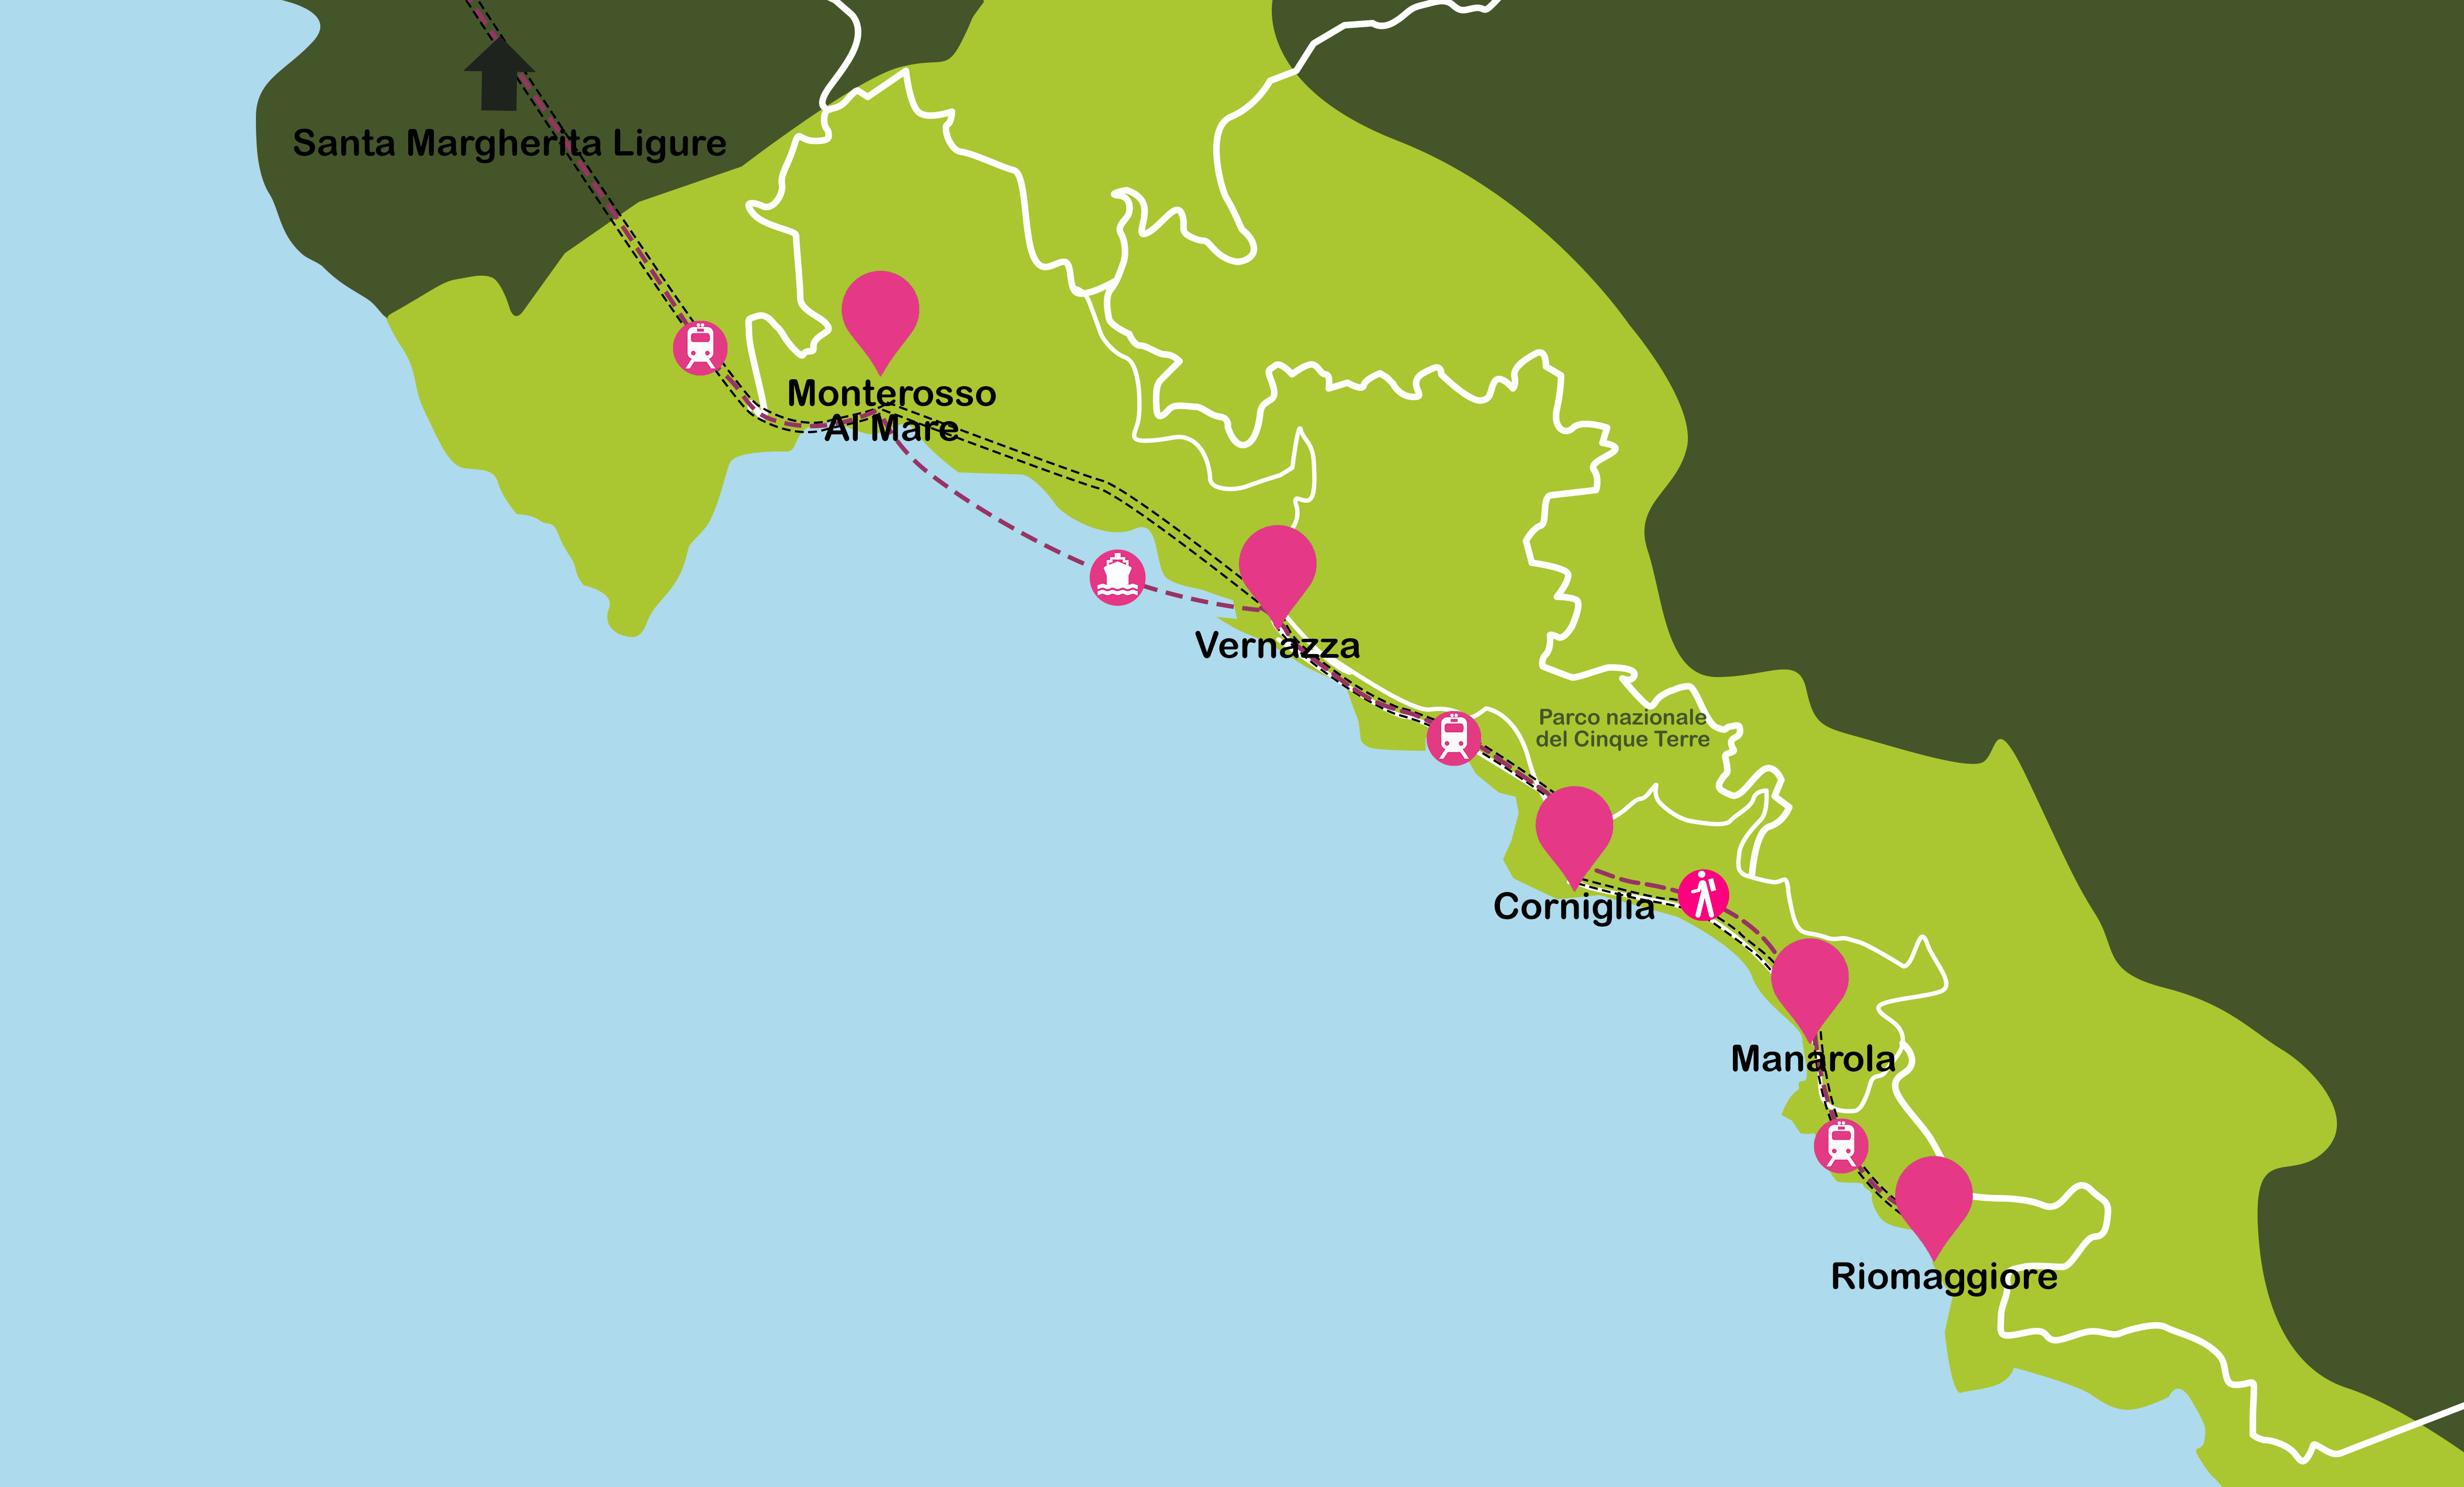 Mapa de Italia. Cinqueterre: Santa Margherita Ligure, Vernazza, Corniglia, Manarola, Riomaggiore